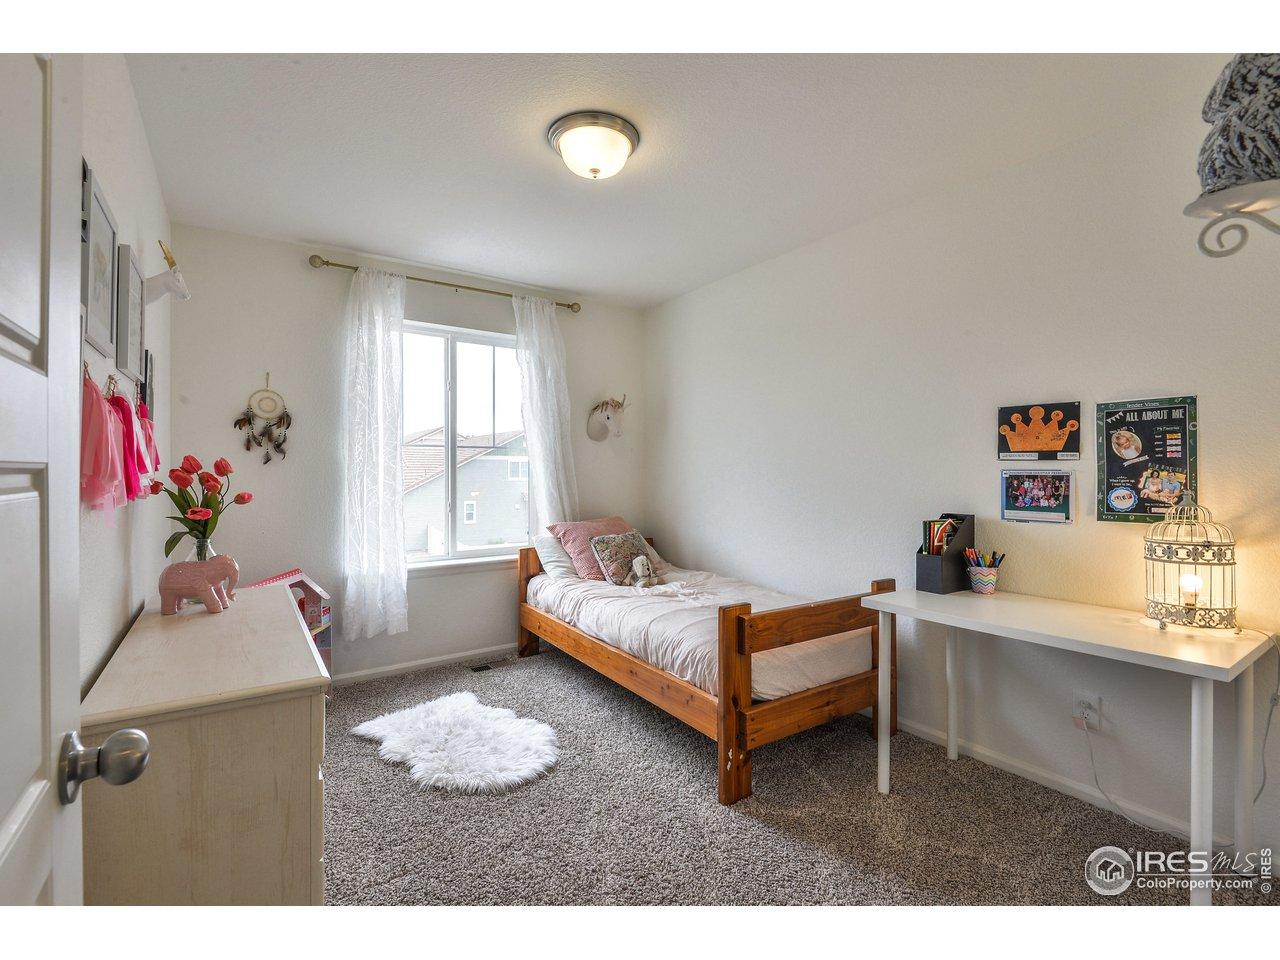 Bedroom 3 _ 12x9